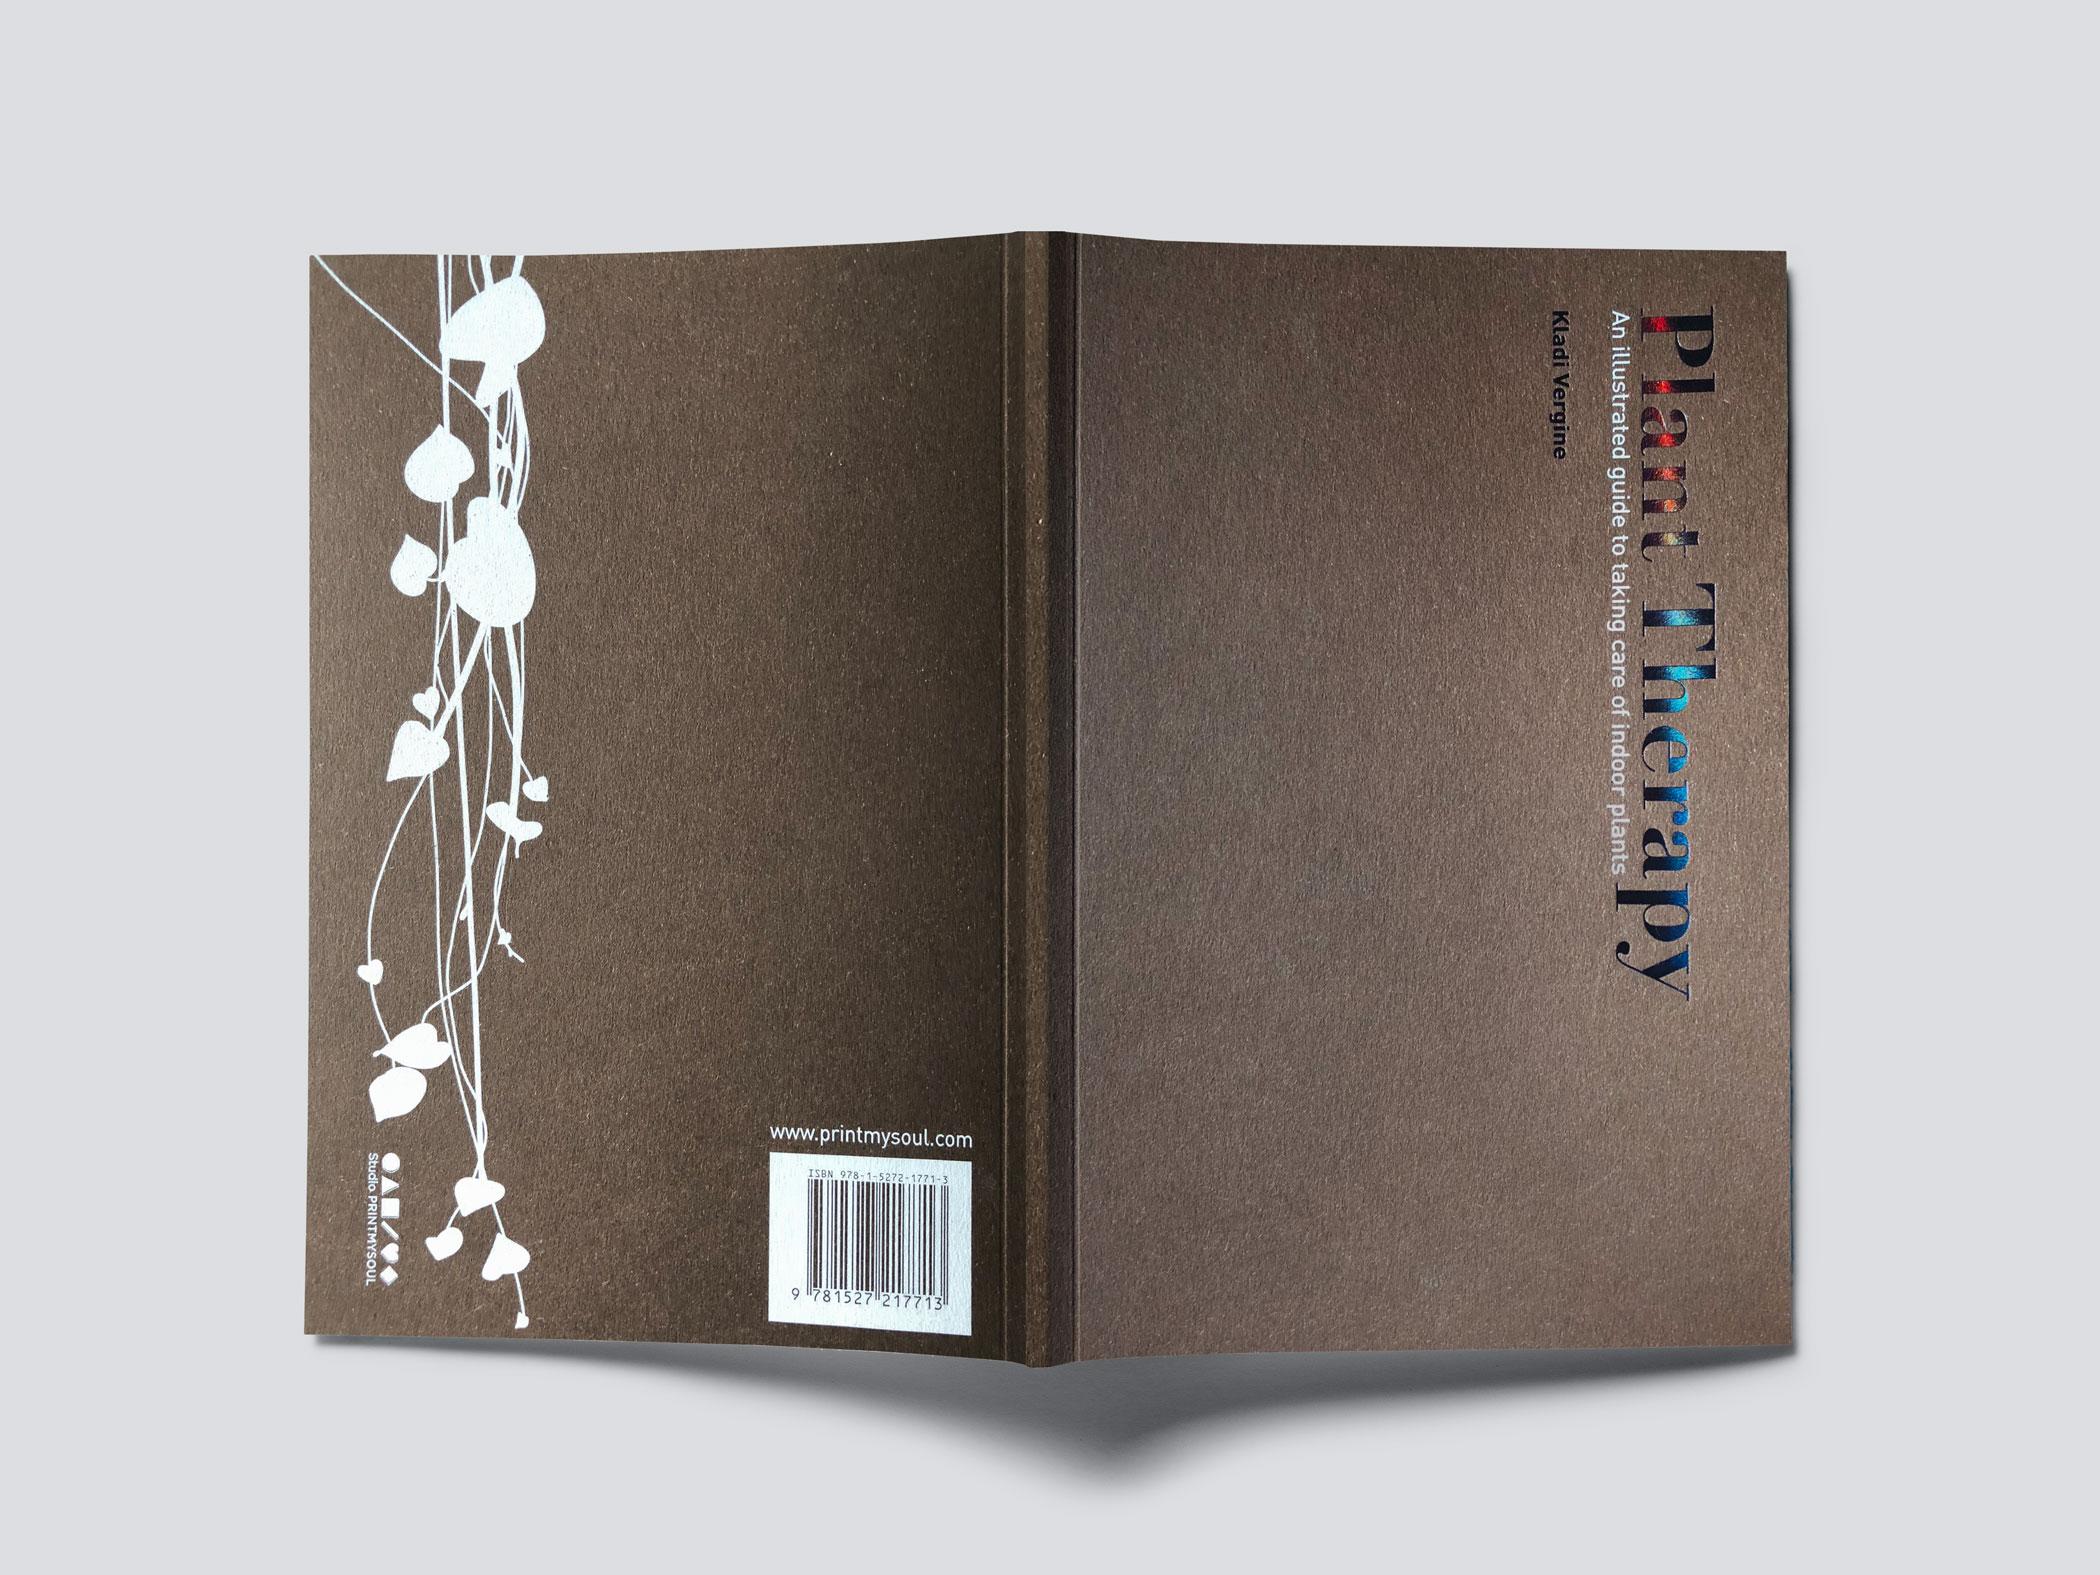 Front&Back-Cover-on-WHITE-150dpi.jpg